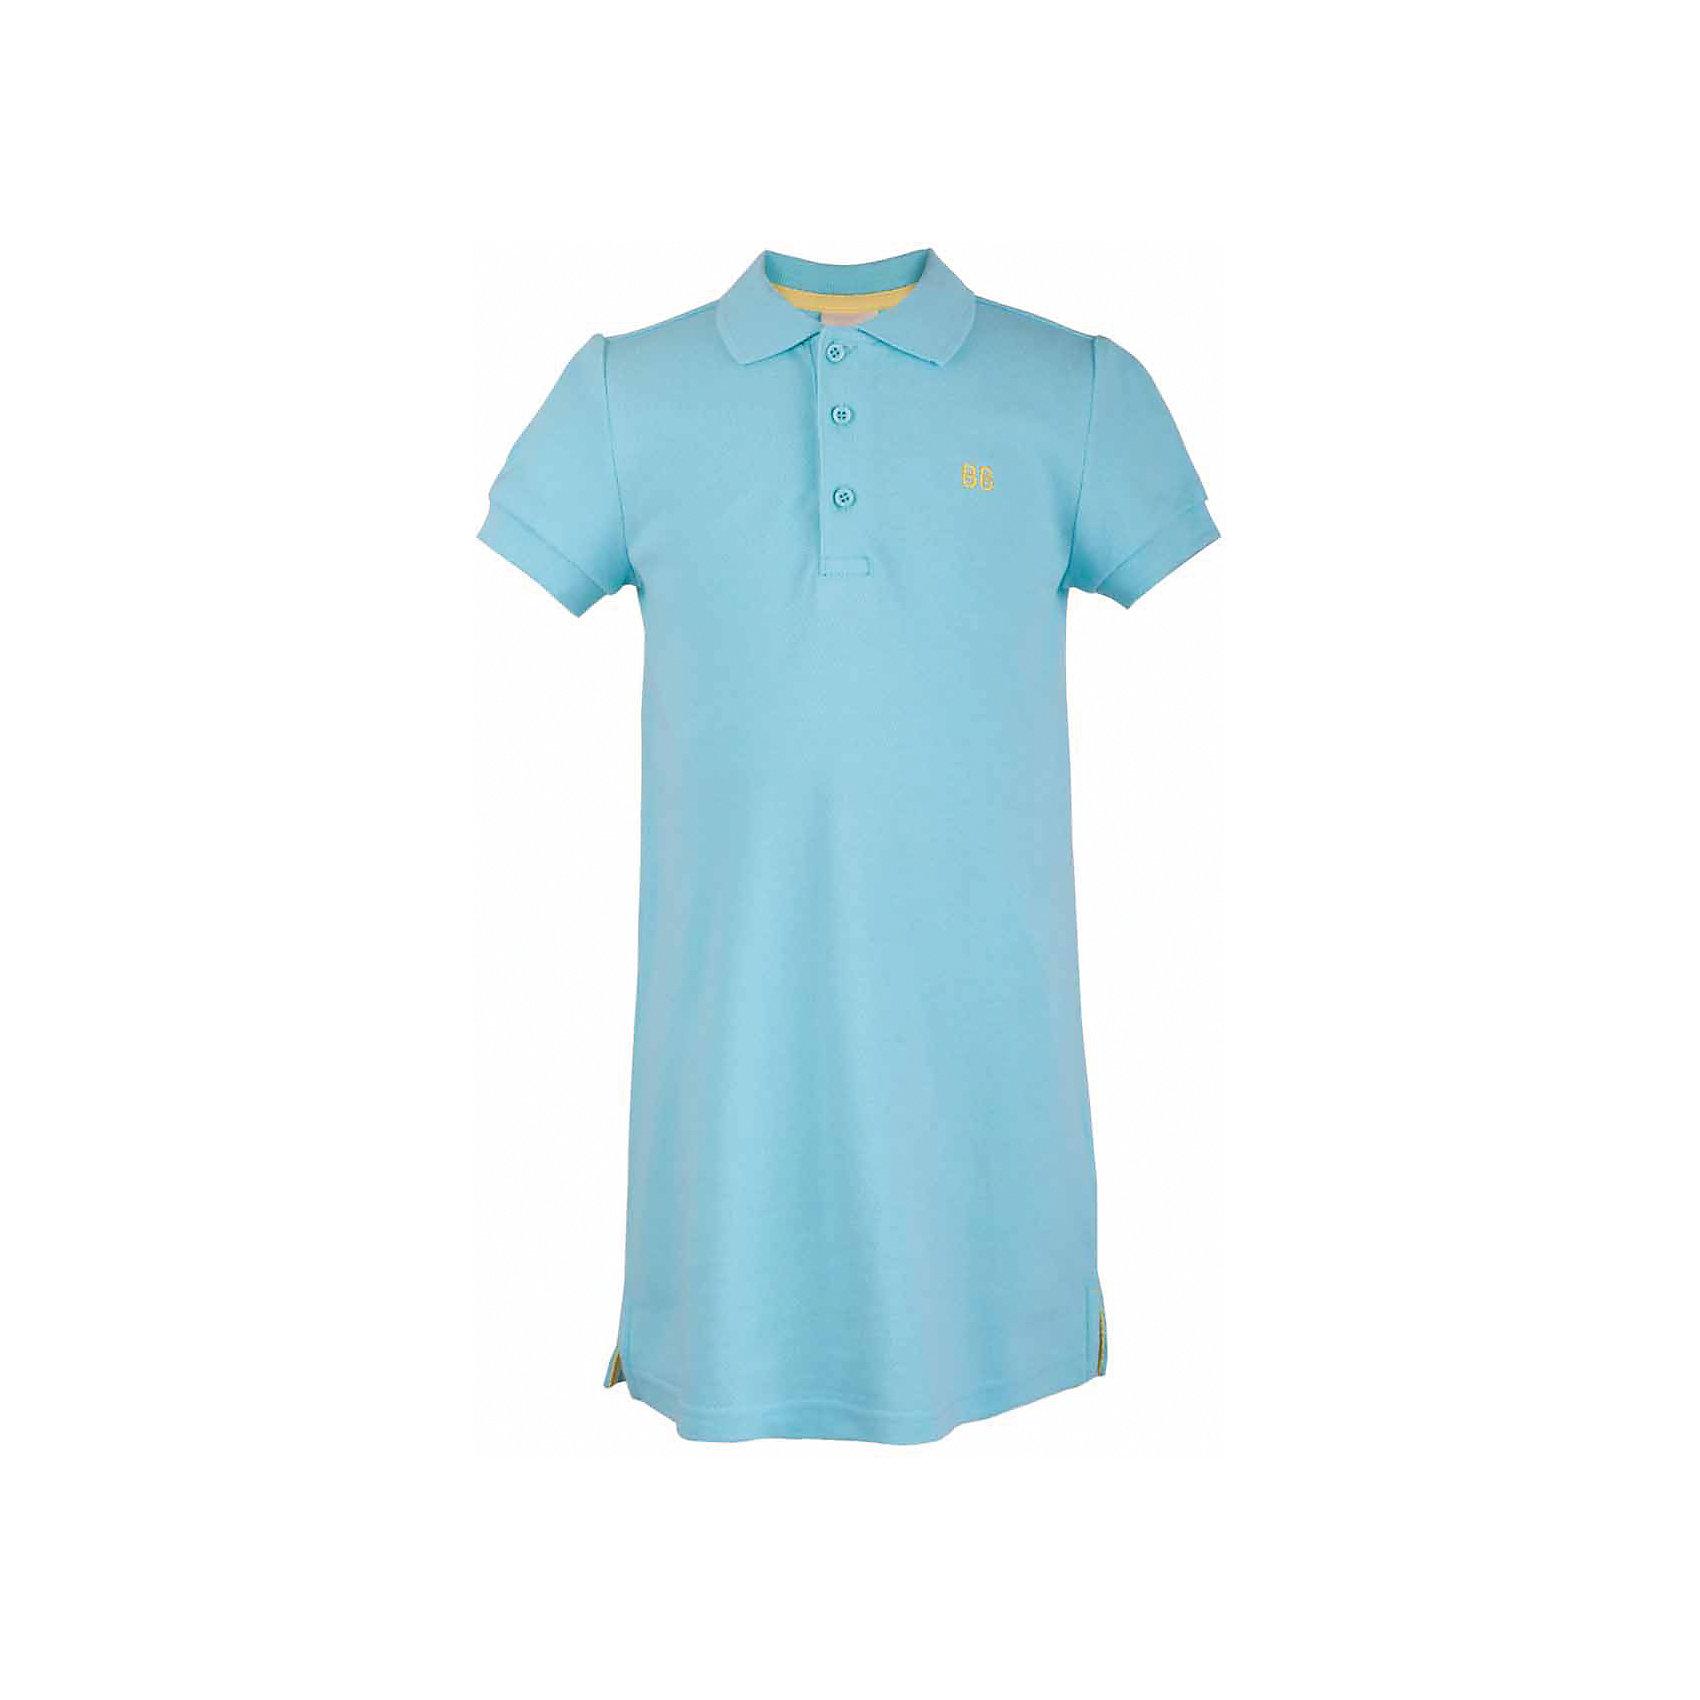 Платье для девочки  BUTTON BLUEПлатья и сарафаны<br>Платье для девочки  BUTTON BLUE<br>Хит прогулочного летнего гардероба, трикотажное платье в спортивном стиле, выглядит отлично! Модный трапециевидный силуэт, яркий цвет, воротник с застежкой поло делают платье идеальным решением на каждый день. Купить детское трикотажное платье от Button Blue, значит, позаботиться о комфорте и прекрасном внешнем виде своего ребенка.<br>Состав:<br>100%  хлопок<br><br>Ширина мм: 236<br>Глубина мм: 16<br>Высота мм: 184<br>Вес г: 177<br>Цвет: зеленый<br>Возраст от месяцев: 144<br>Возраст до месяцев: 156<br>Пол: Женский<br>Возраст: Детский<br>Размер: 158,98,104,110,128,134,140,146,152,116,122<br>SKU: 5523473